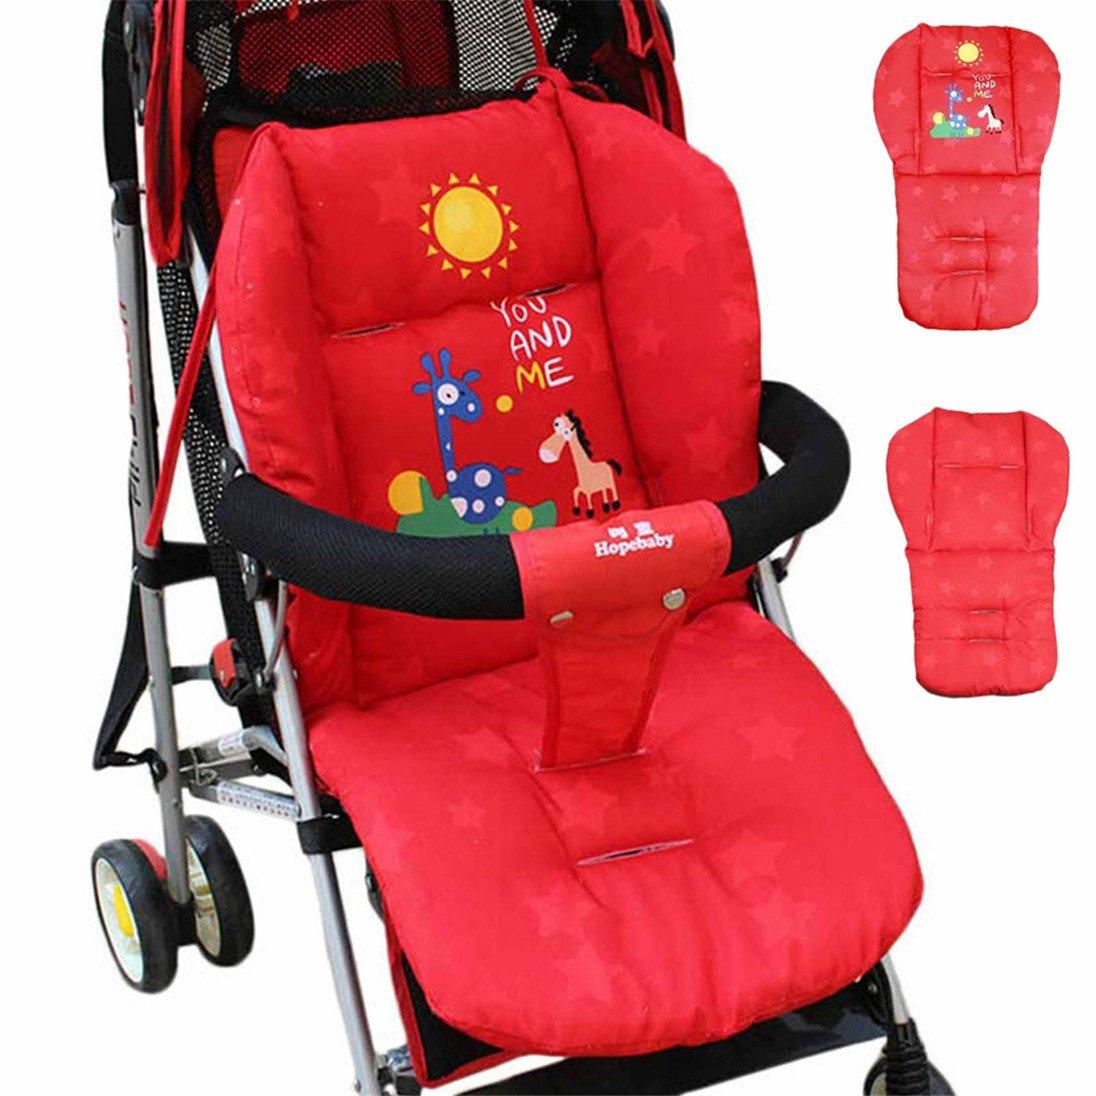 originaltree Baby Cochecito Cojín caliente Mat Almohadilla de Asiento para cochecito saco para bebés 0 – 36 meses rojo rosso Talla:talla única